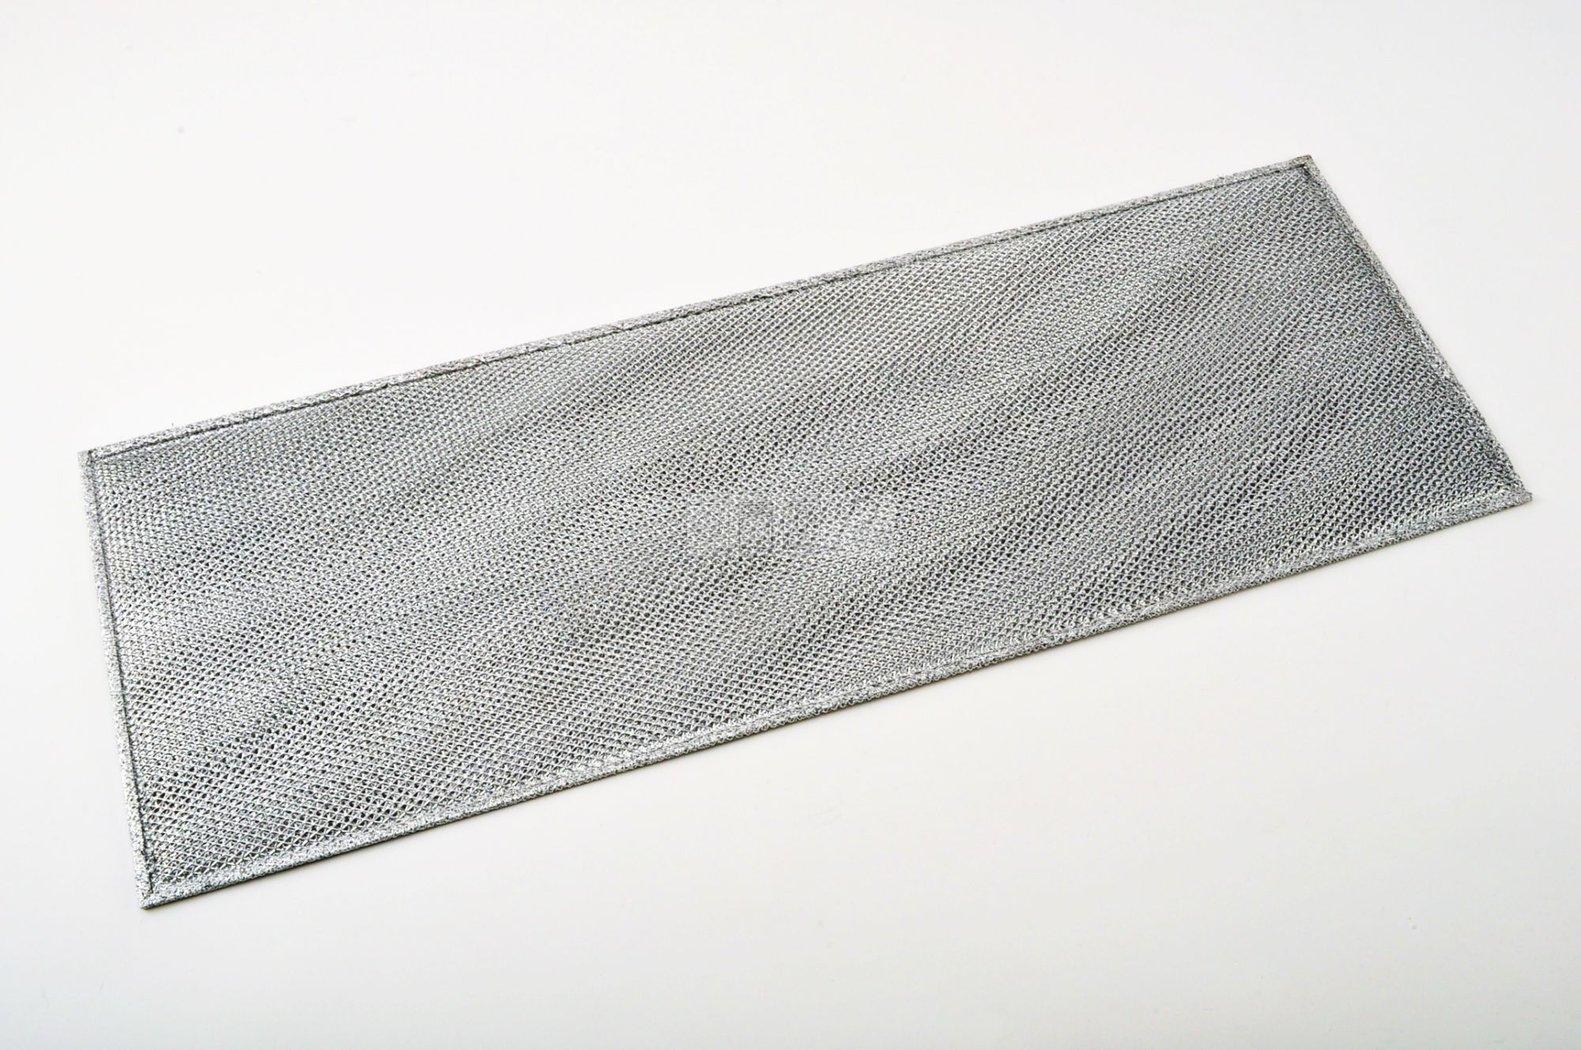 Aeg metall dunst fettfilter einlage matte 565x200mm for Aeg fettfilter metall